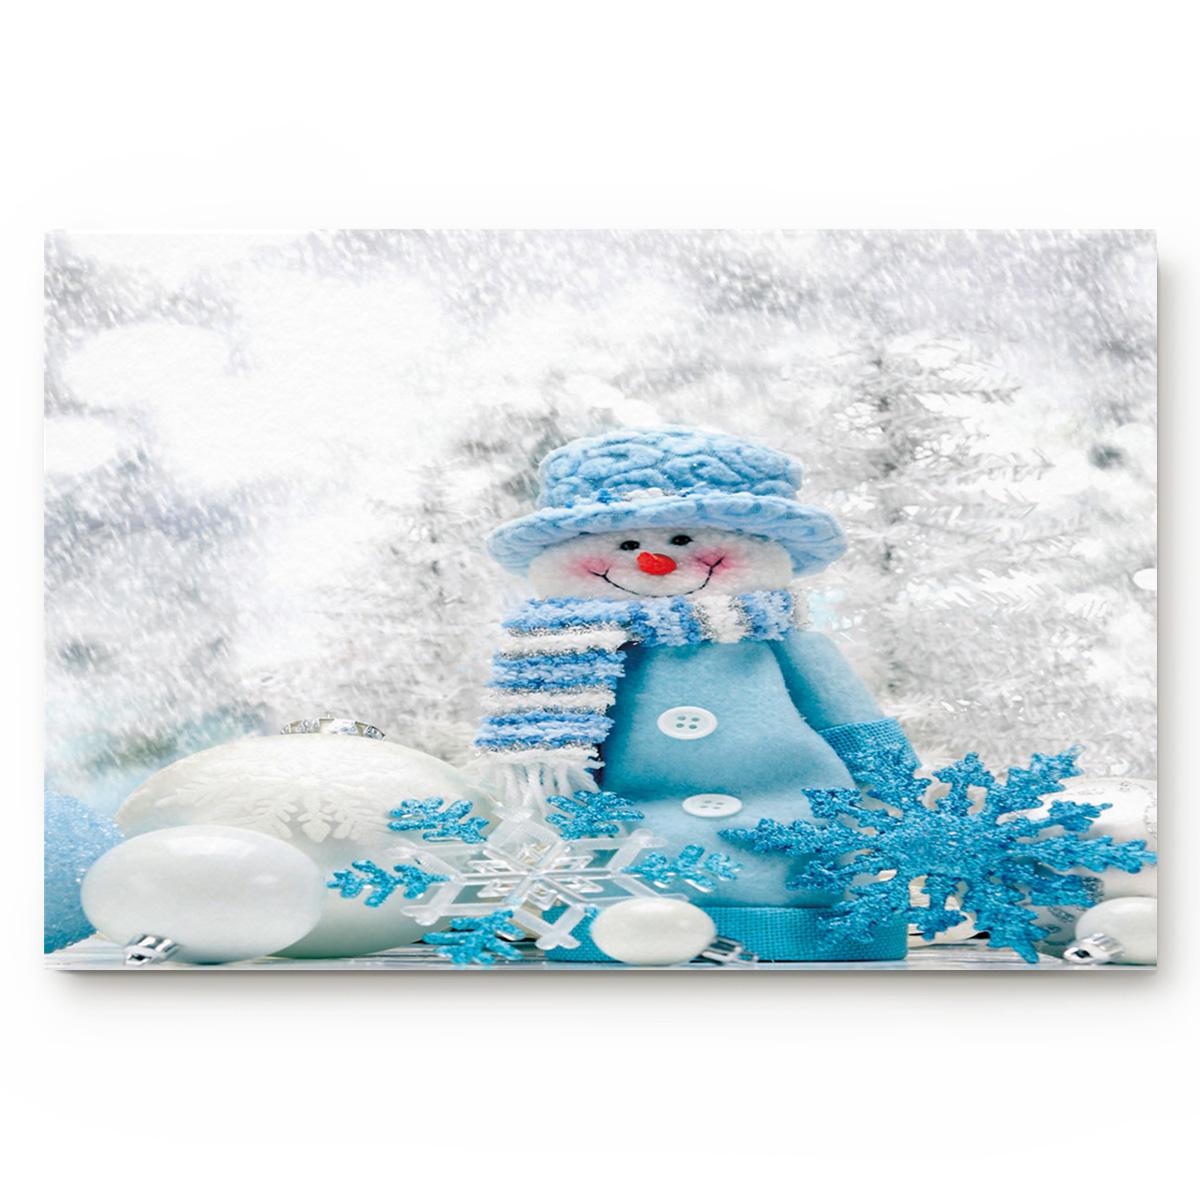 Рождественские коврики для ванной с изображением снежного цветка, рождественские коврики, нескользящий дверной коврик, ковер, аксессуары для ванной комнаты, настраиваемые